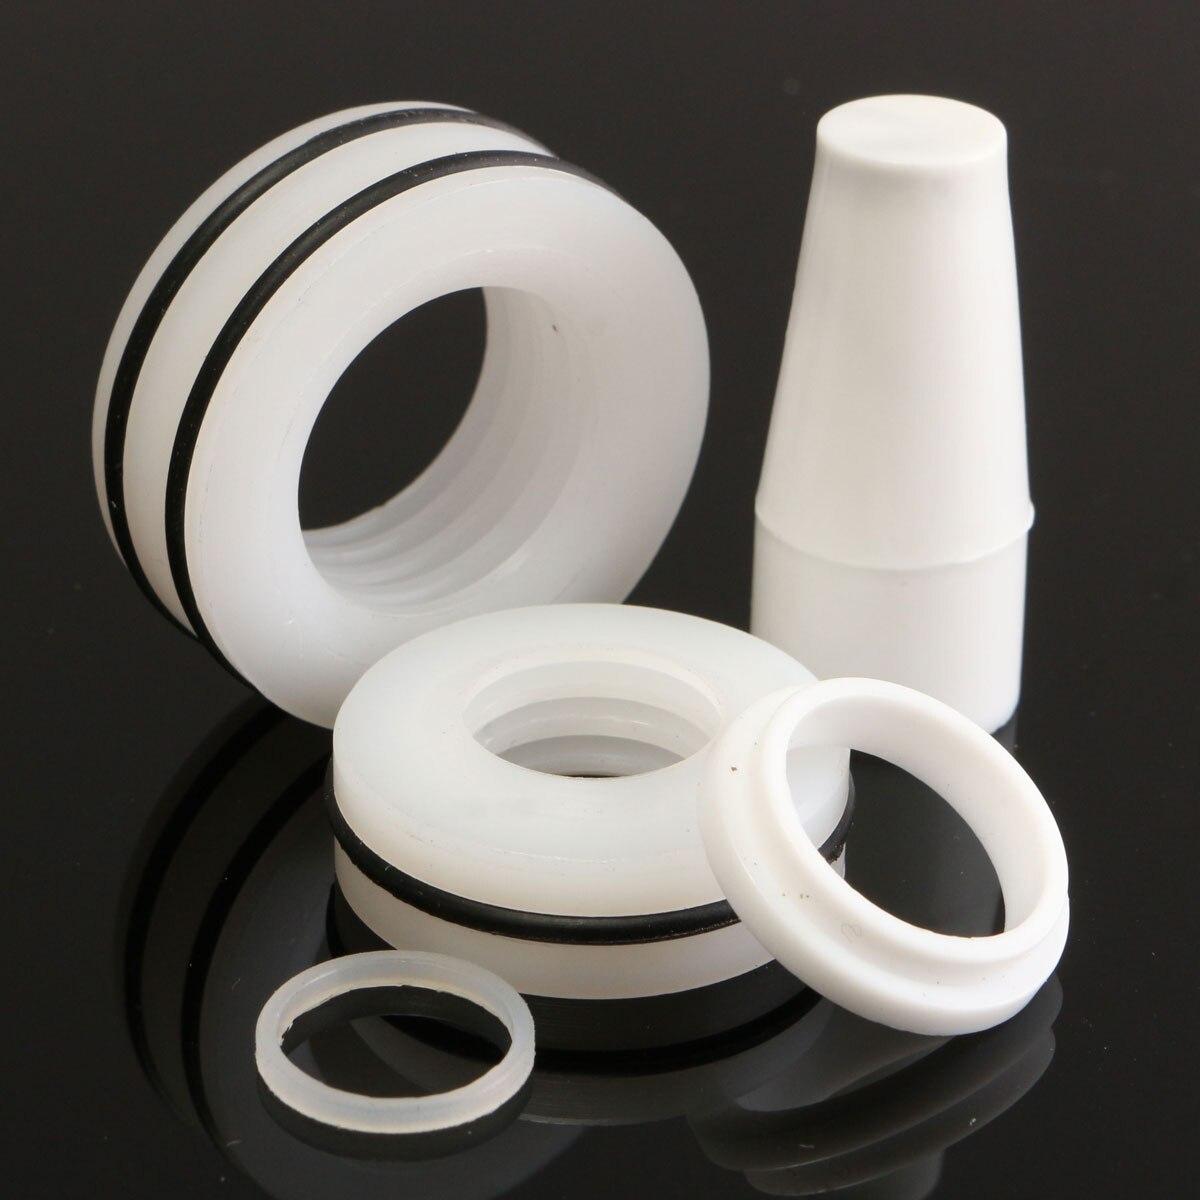 1Pcs Seal Pad Repair Kits Airless Sprayer Accessories Repair Packing Kit 704586 For Titan 440 450 Sprayer1Pcs Seal Pad Repair Kits Airless Sprayer Accessories Repair Packing Kit 704586 For Titan 440 450 Sprayer